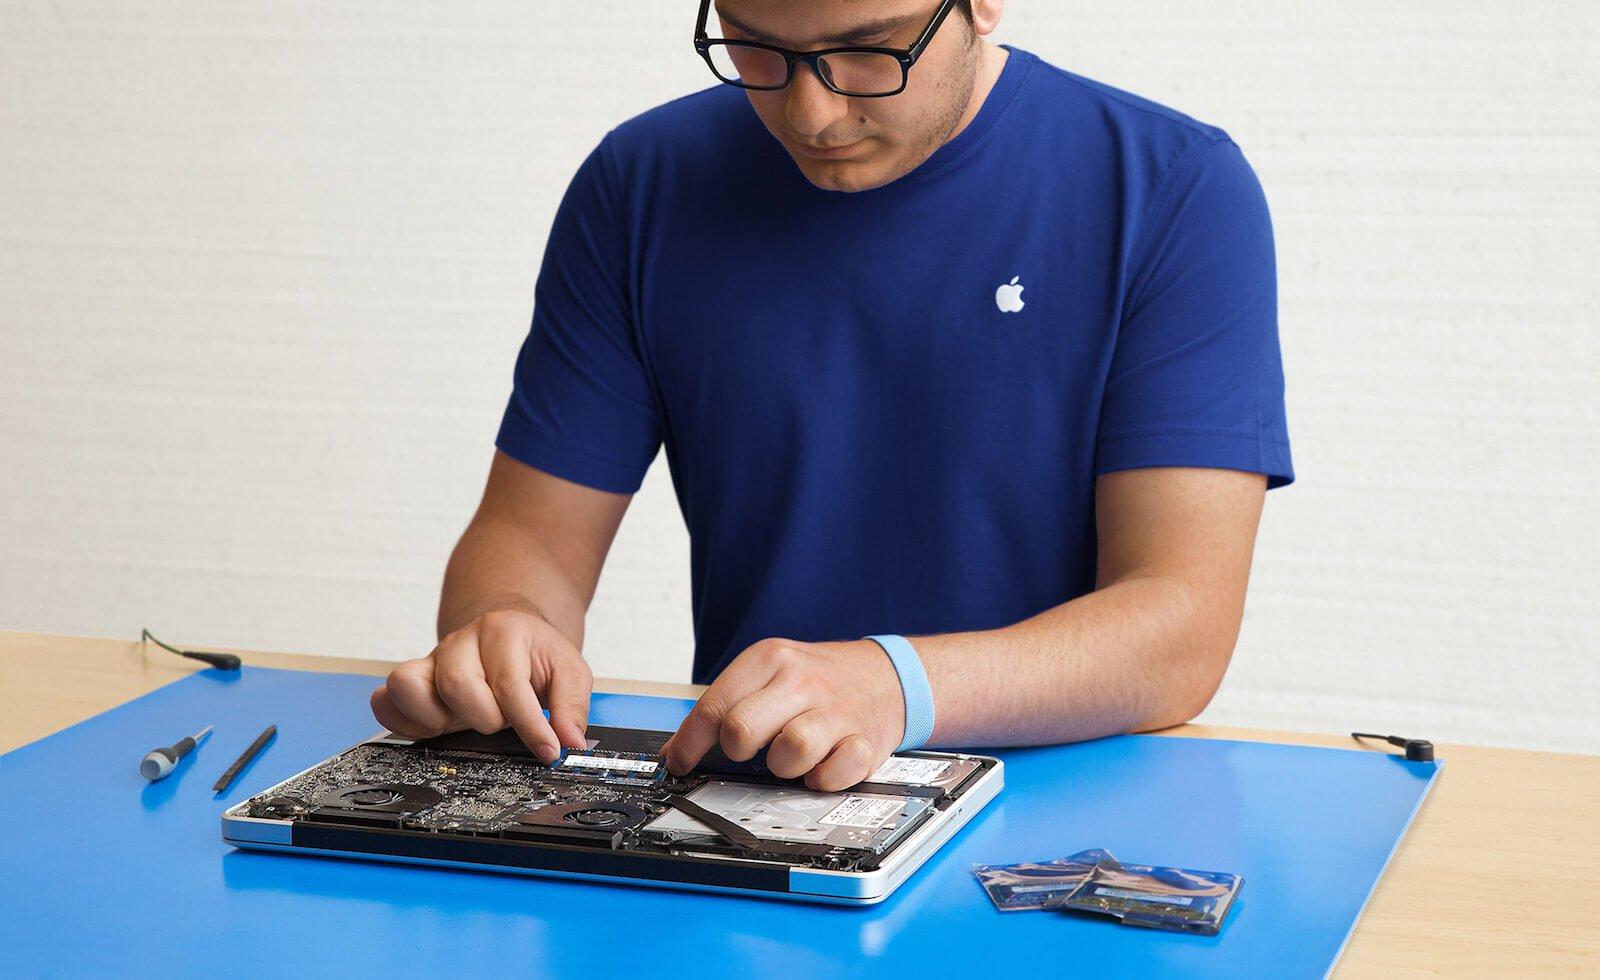 Тут все программы ремонта и замены устройств, которые предлагает Apple